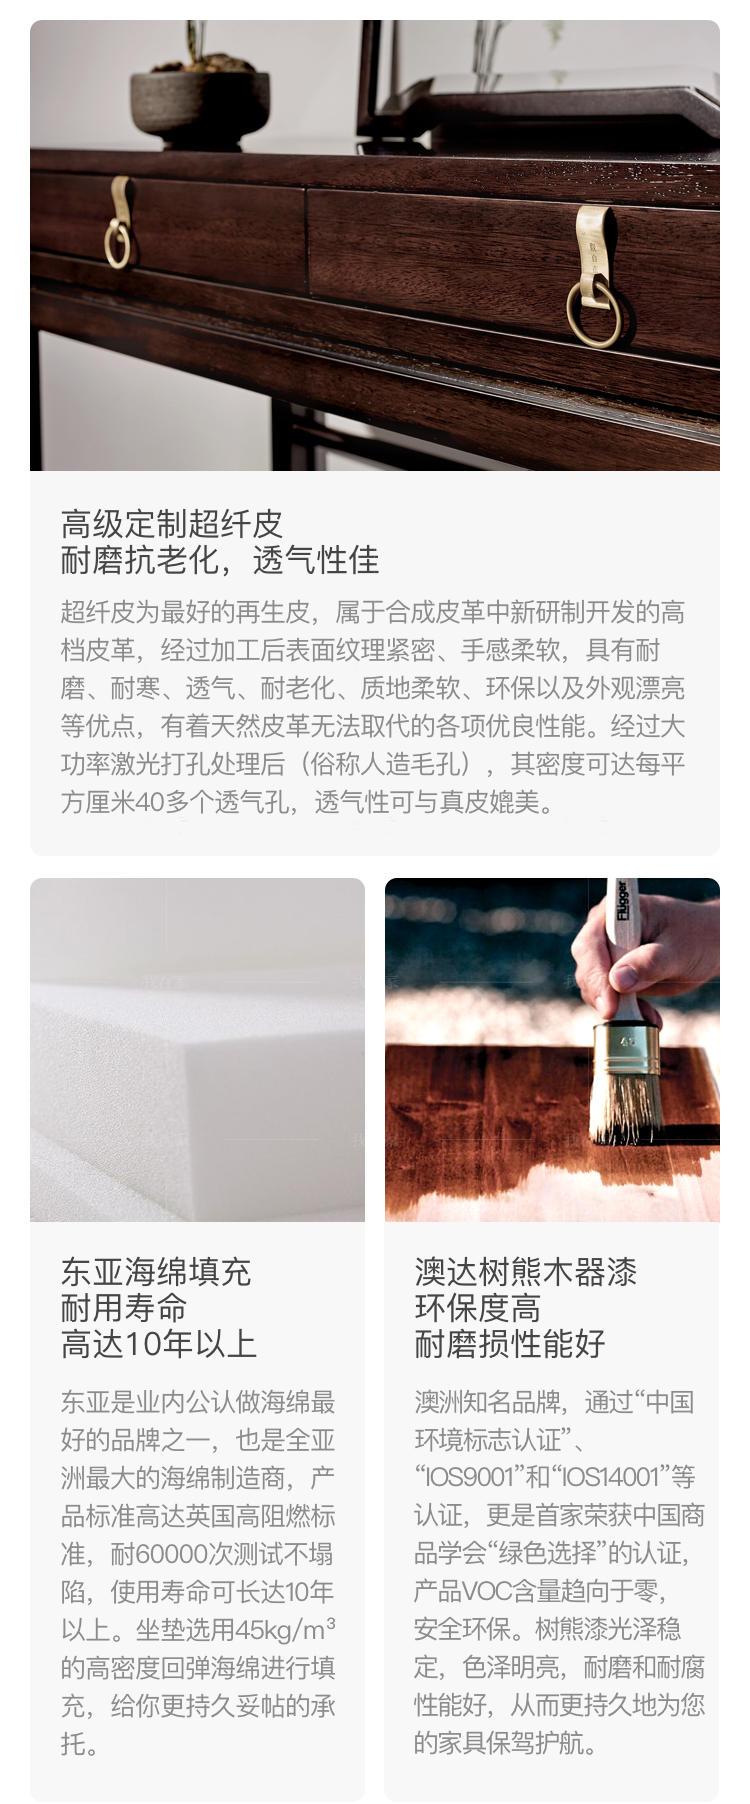 新中式风格疏影梳妆凳的家具详细介绍